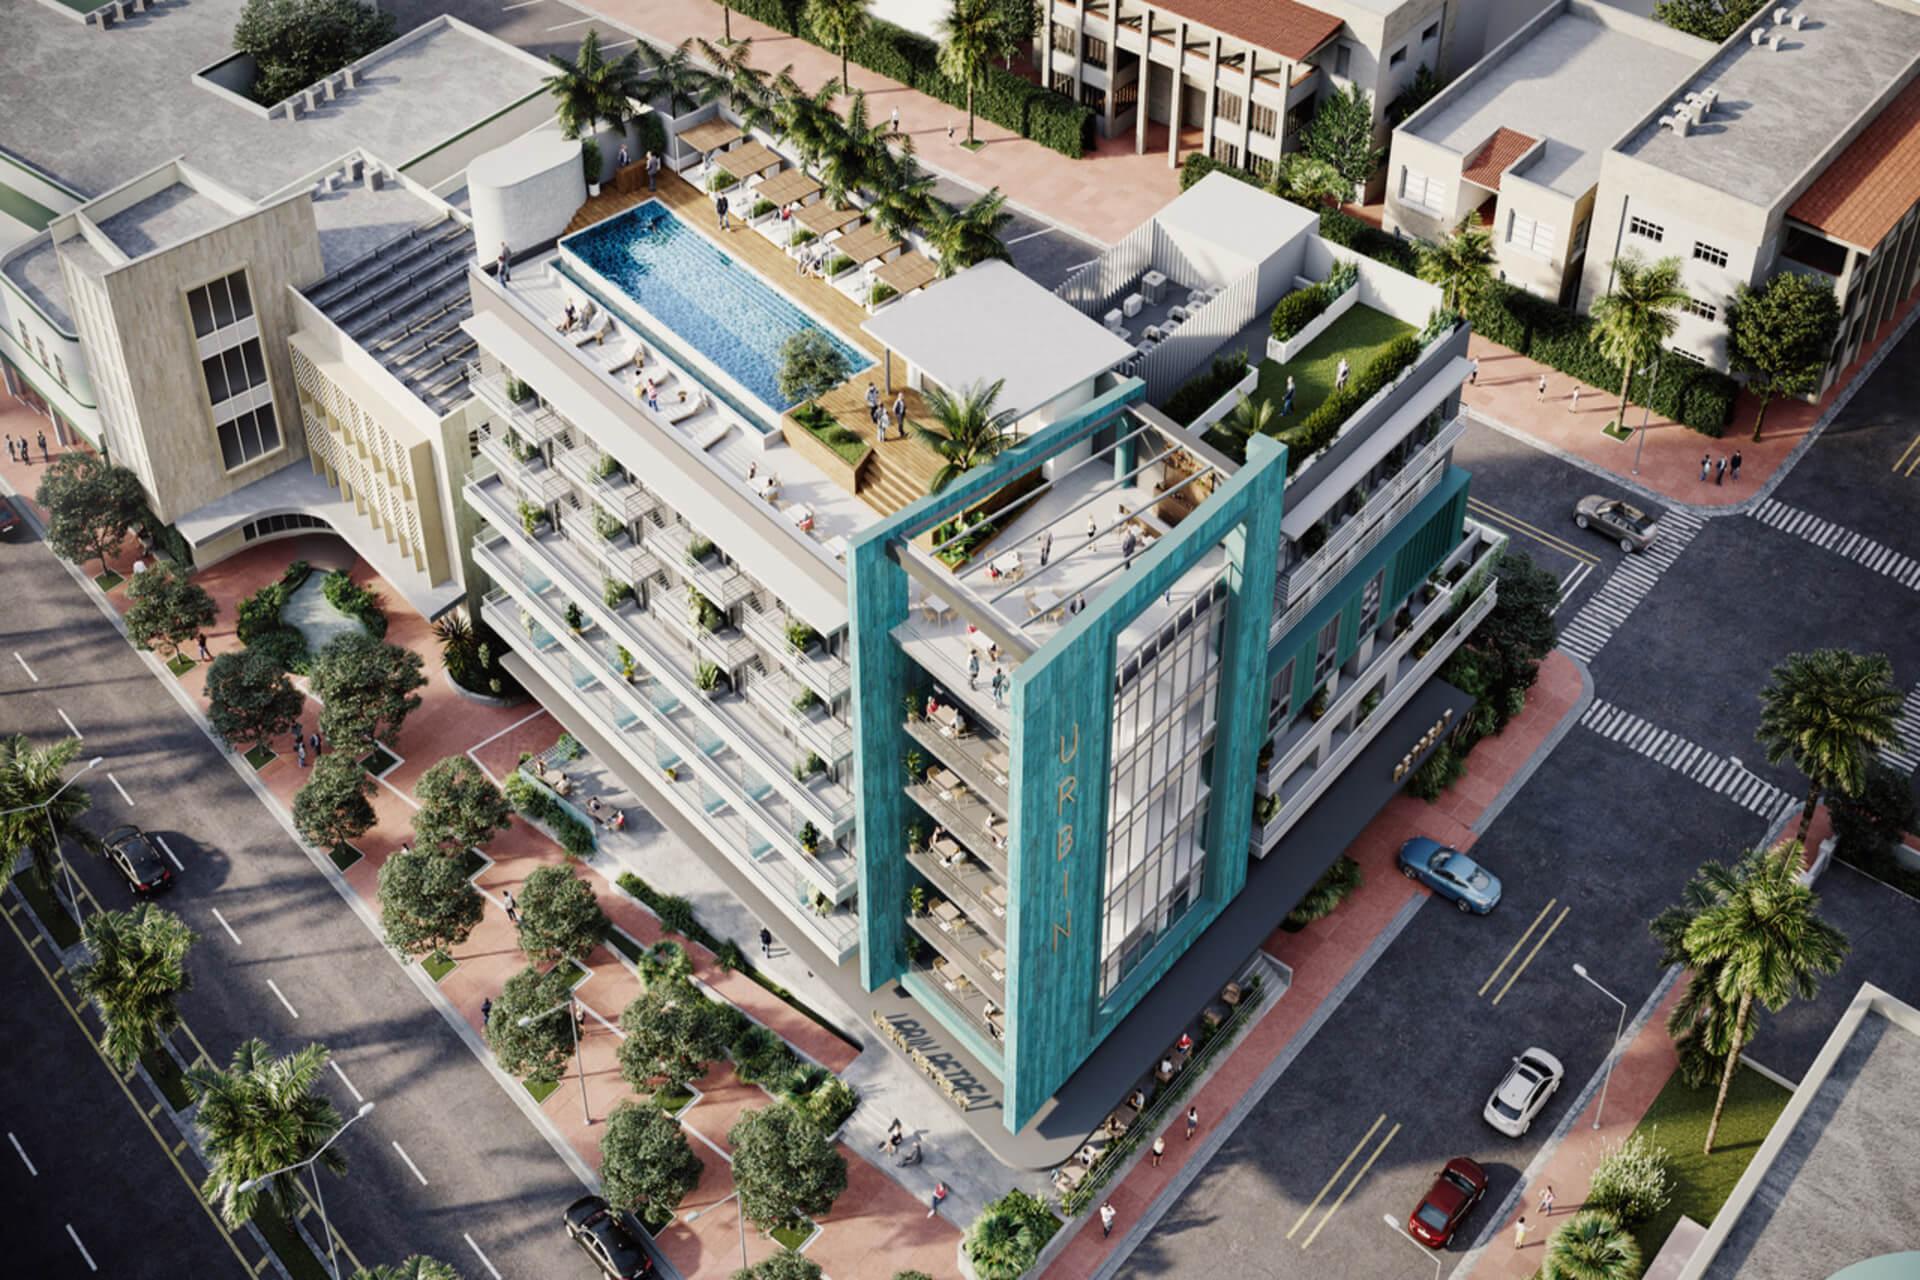 location ventures project urbin in re: miami beach